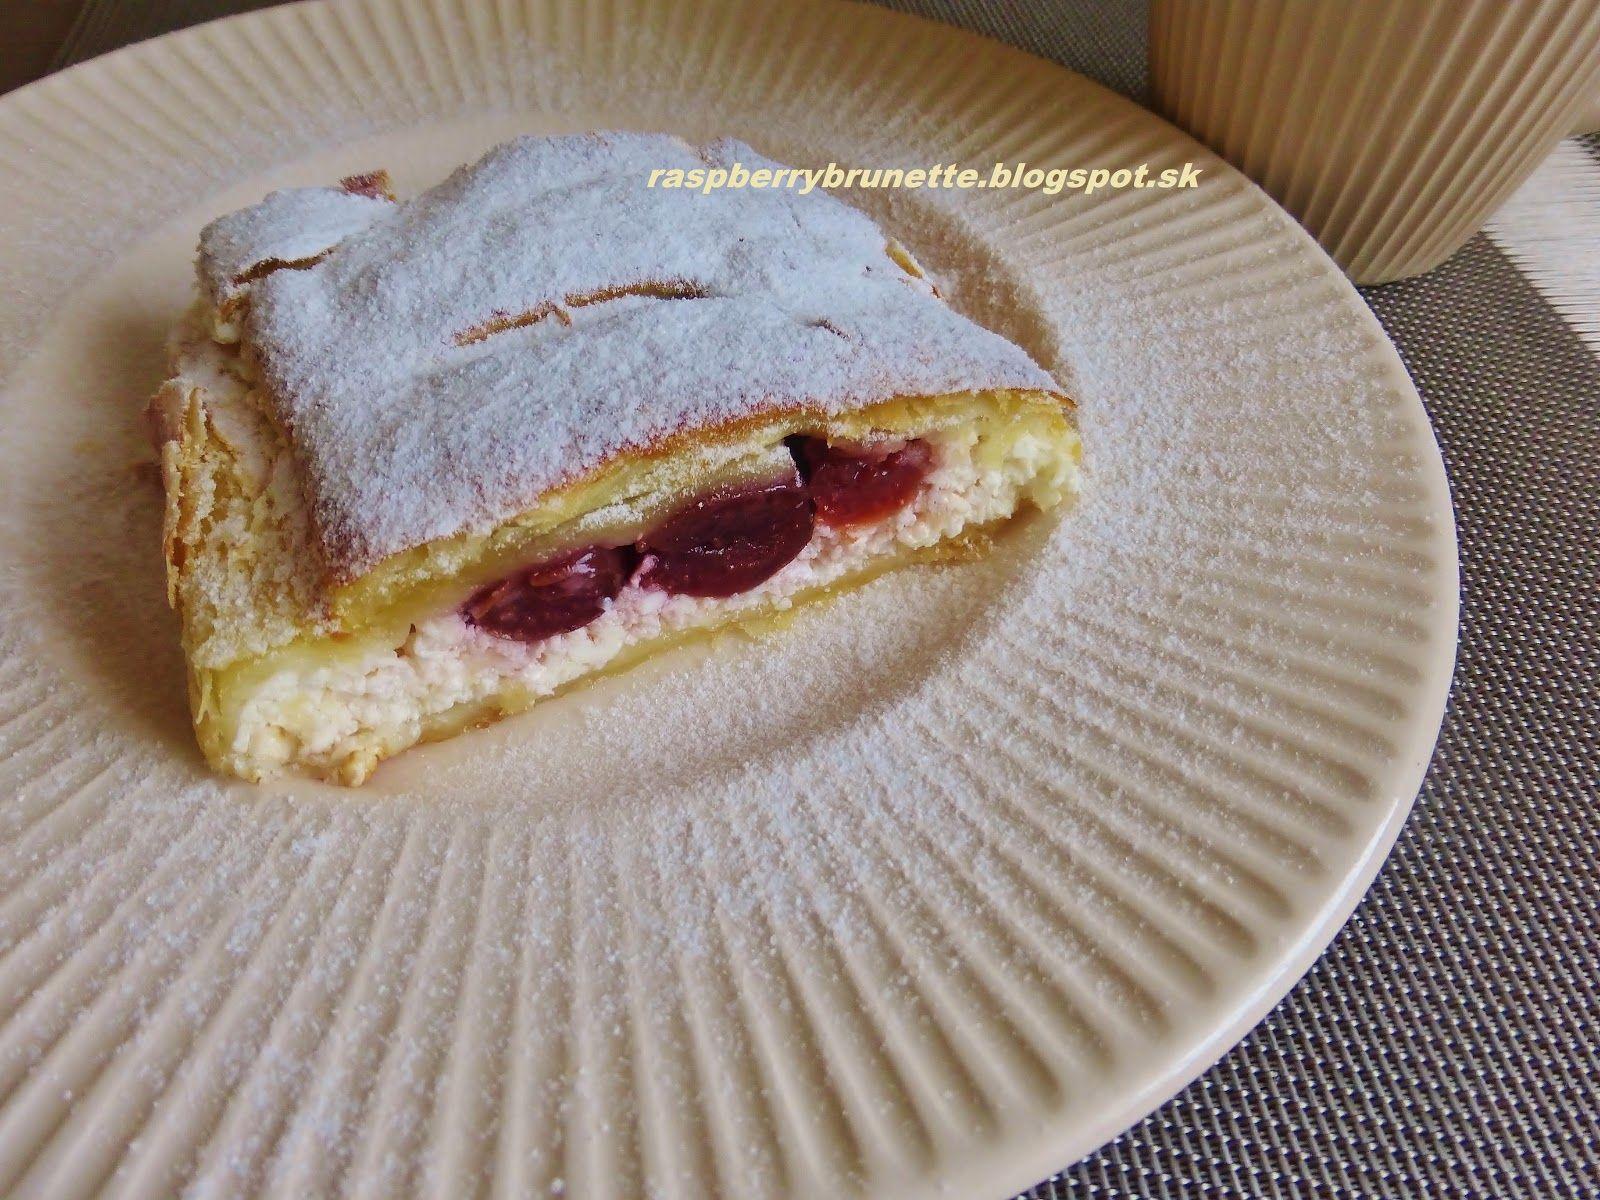 Raspberrybrunette: Rýchly tvarohový závin s višňami  Rýchly závin z ...